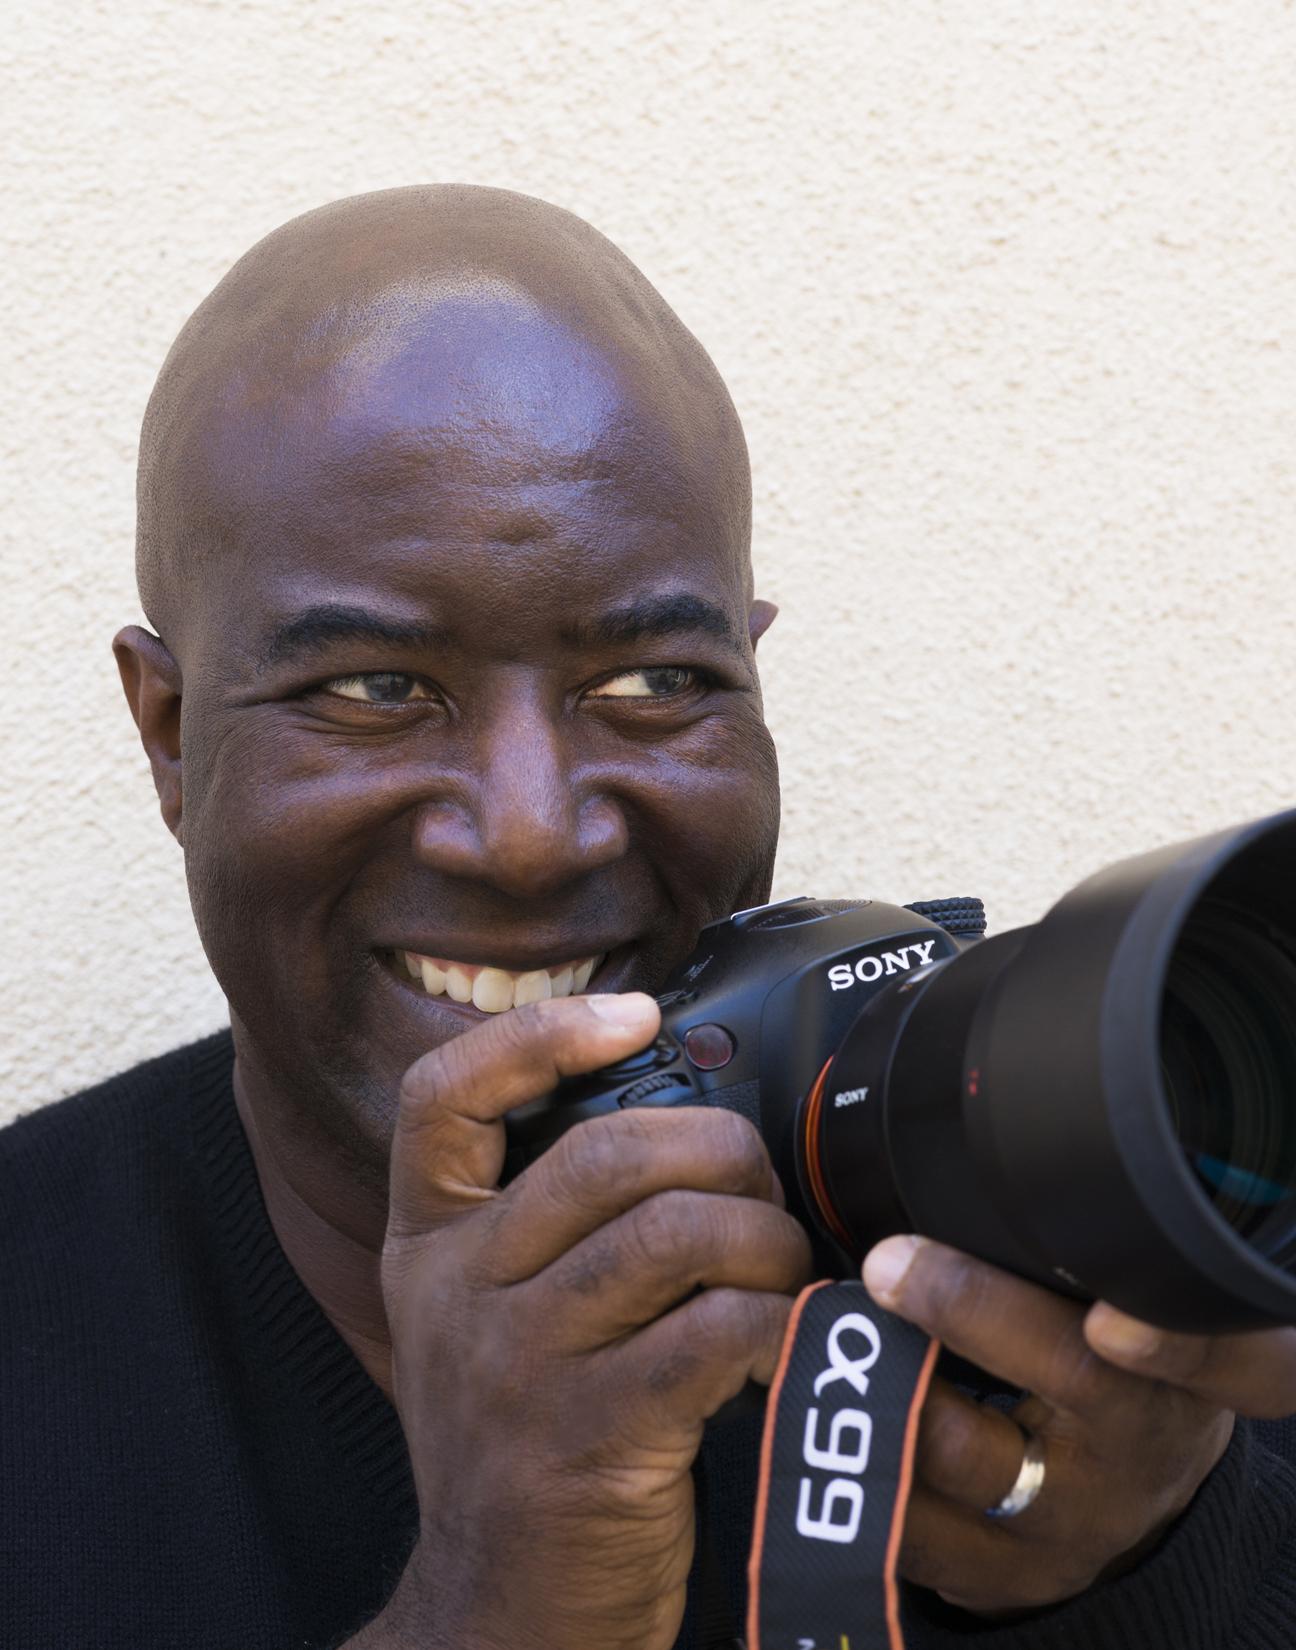 Matthew Jordan Smith   Celebrity Photographer   www.matthewjordansmith.com